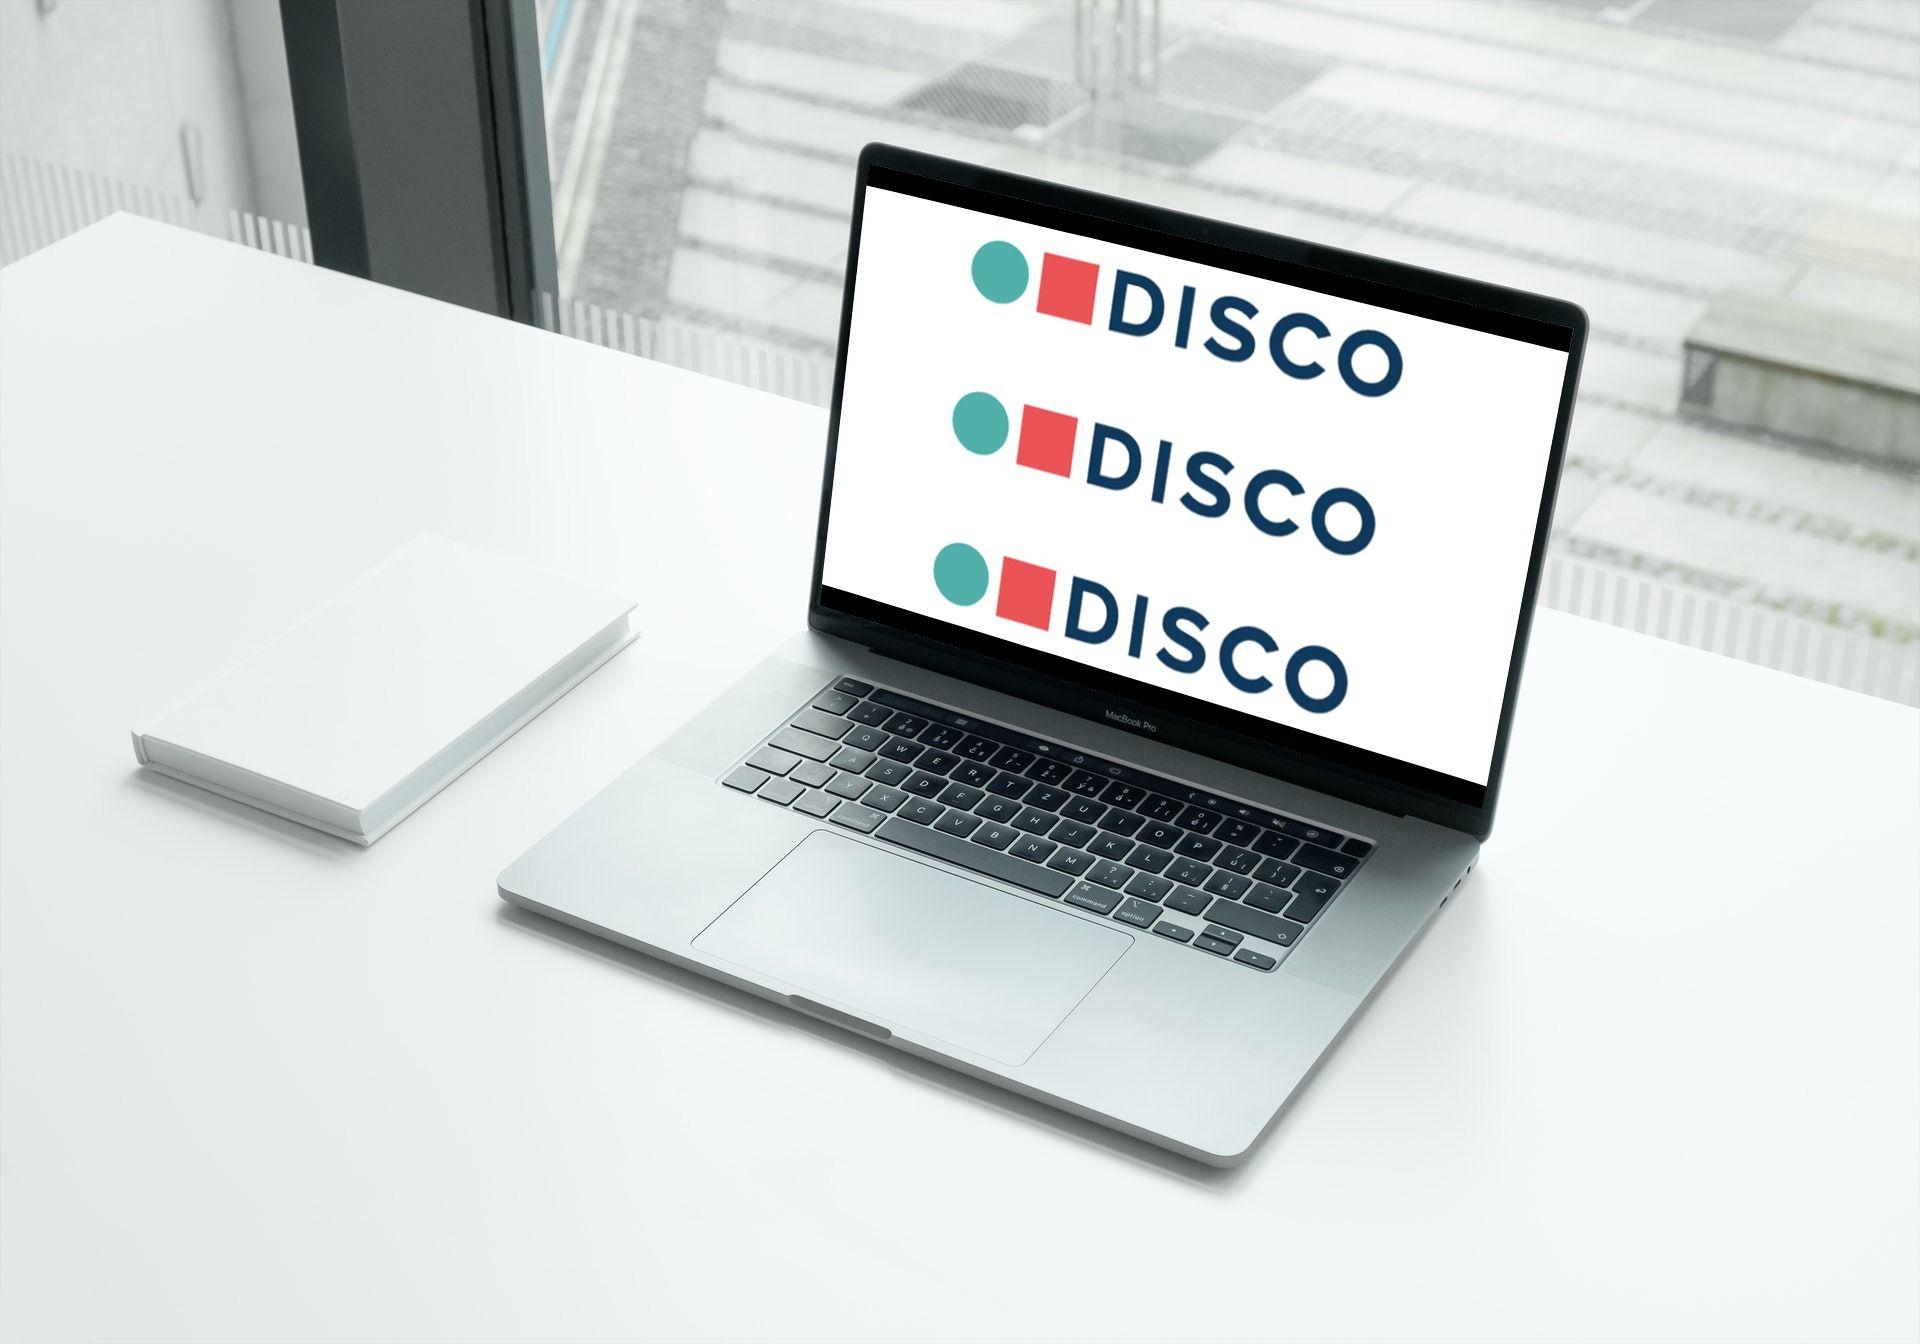 CS Disco Initial Public Offering